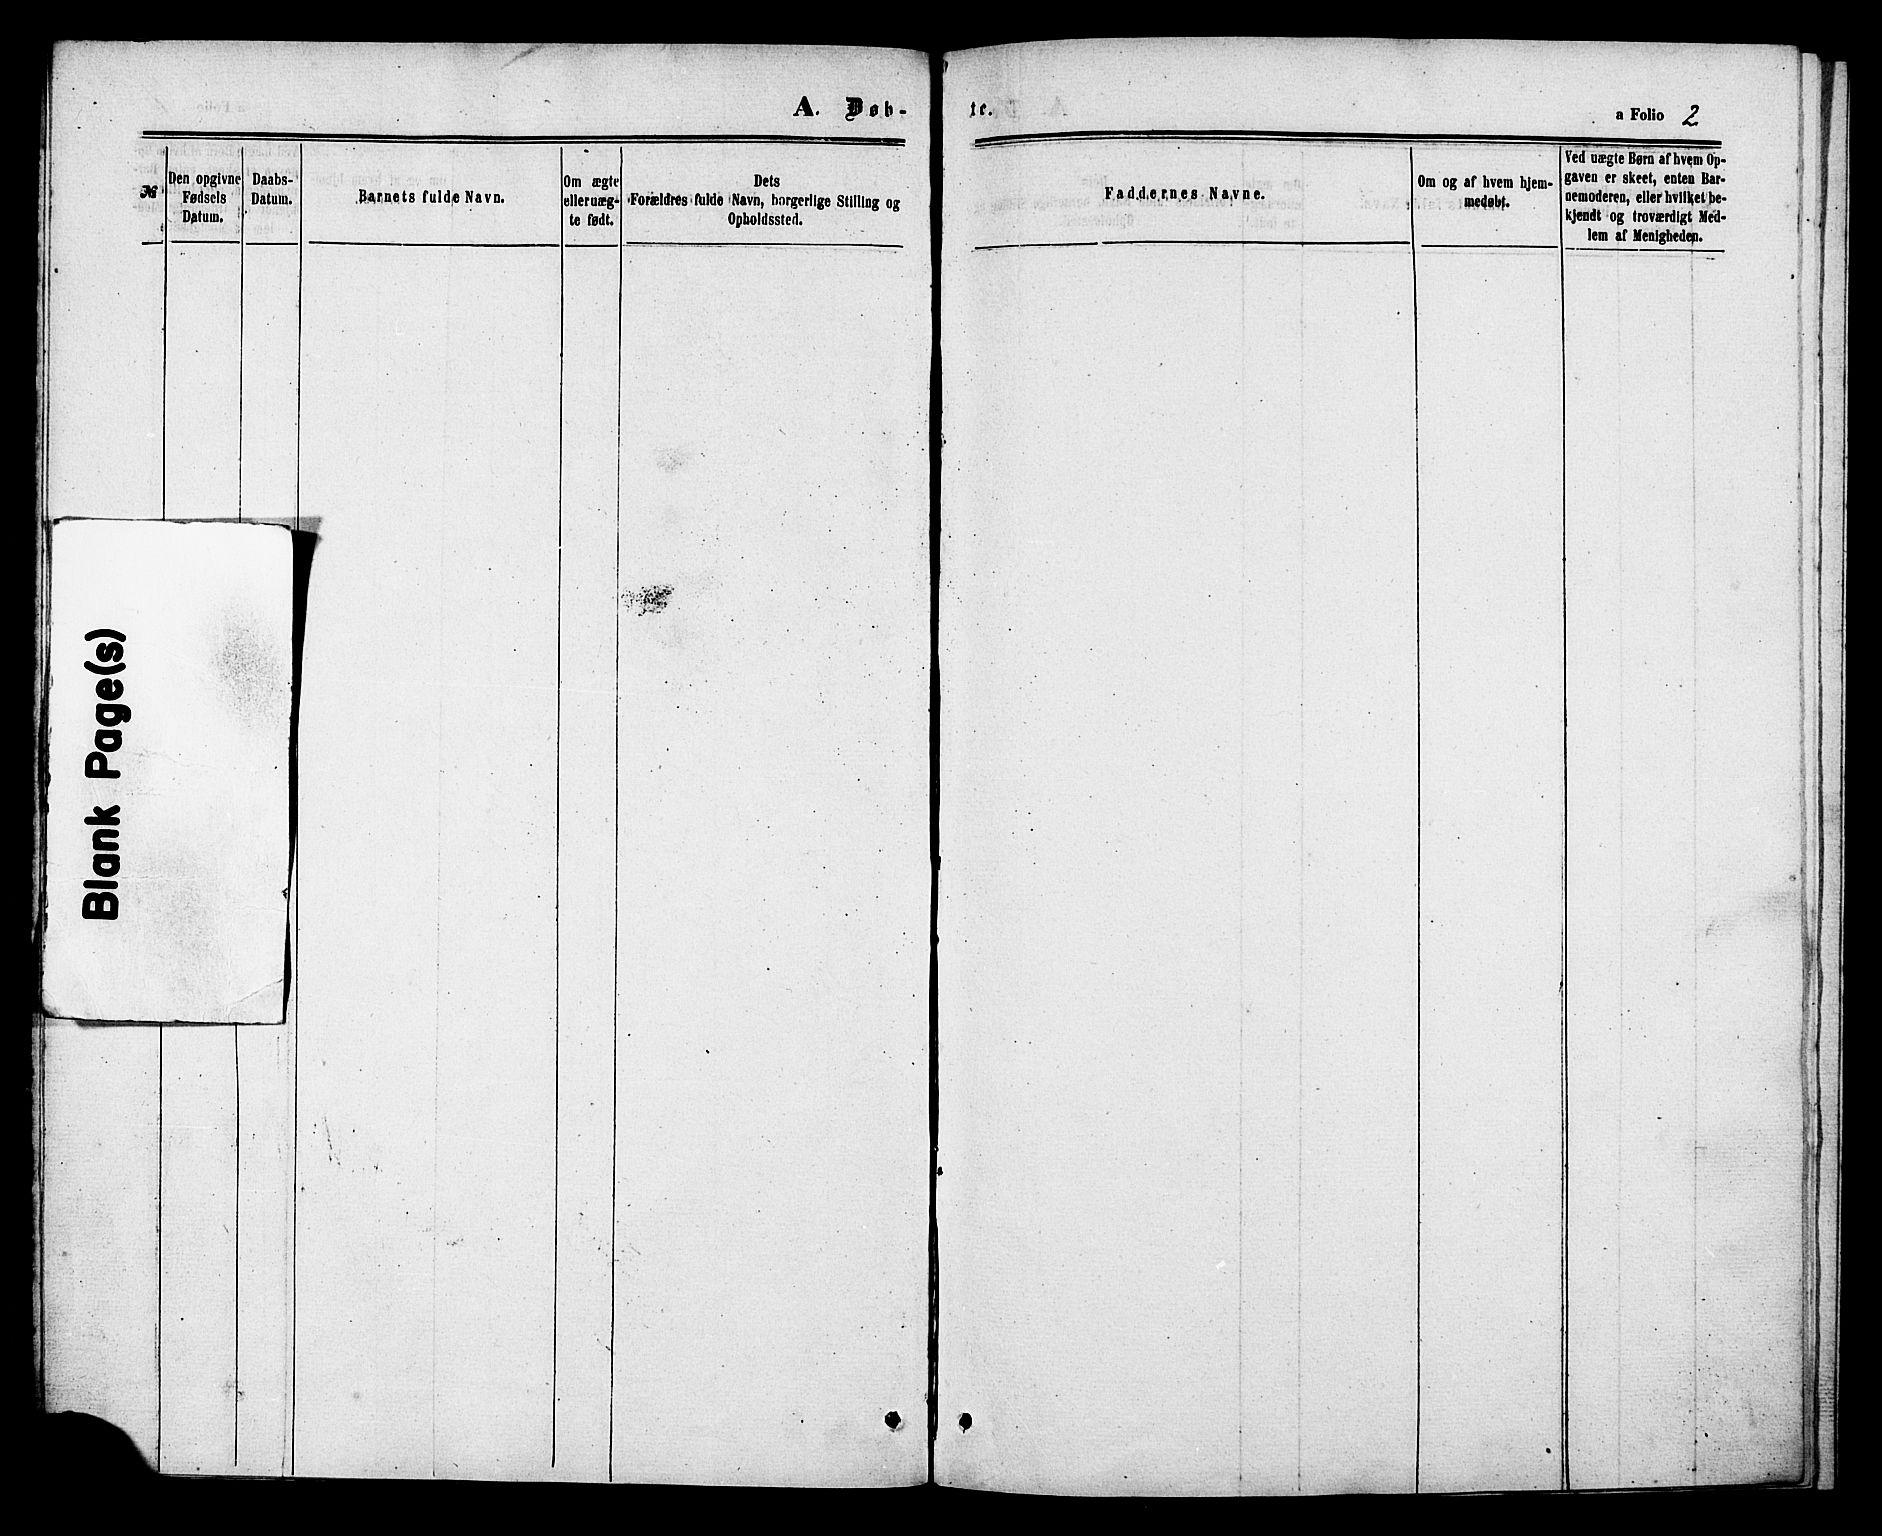 SAT, Ministerialprotokoller, klokkerbøker og fødselsregistre - Sør-Trøndelag, 629/L0485: Ministerialbok nr. 629A01, 1862-1869, s. 2